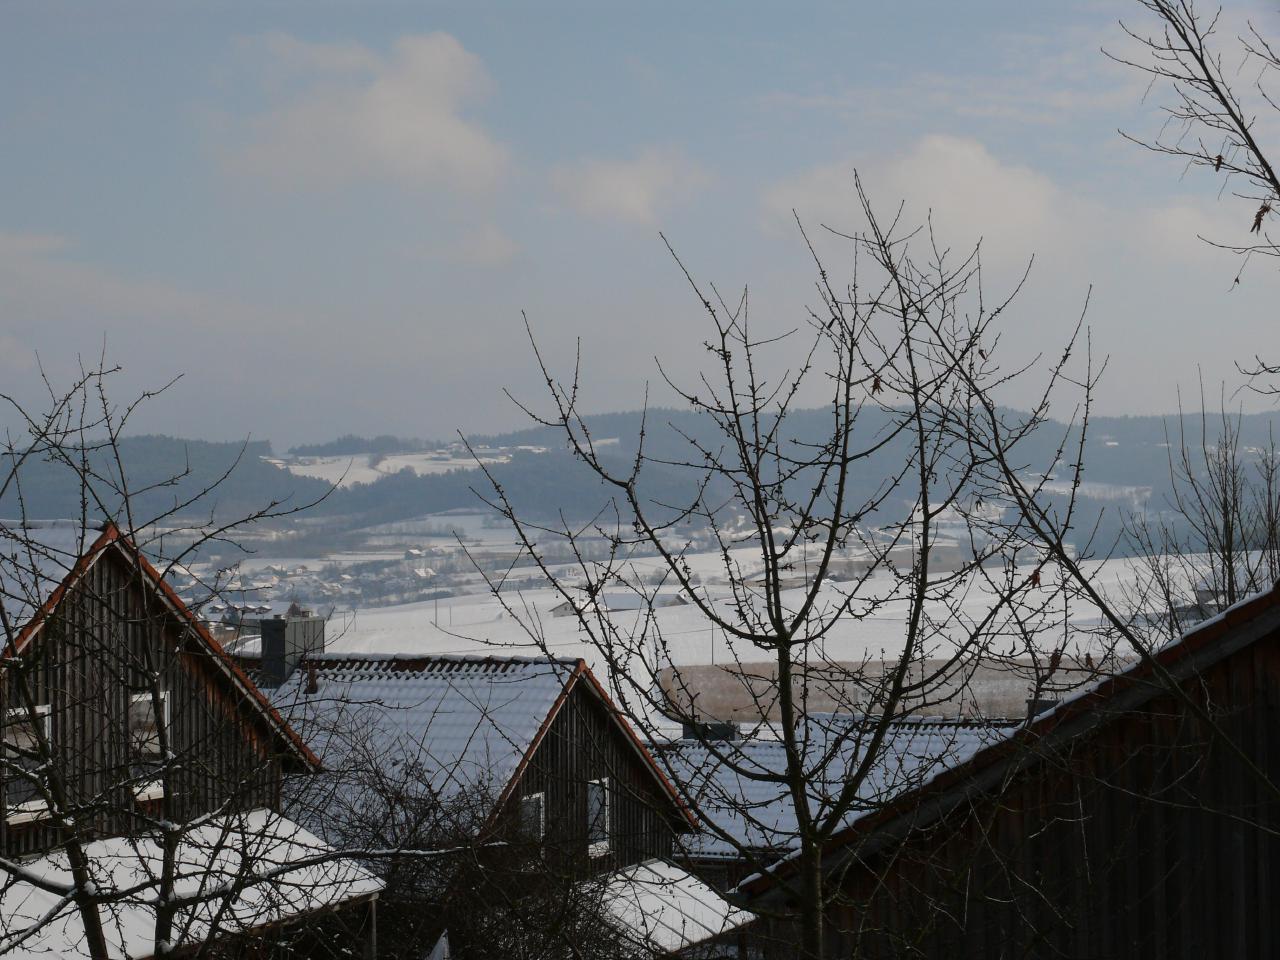 Ferienhaus Bärbel am Schlossberg; jetzt incl. Heizung, Strom, Wasser, Müll, WLAN und 2. Fernseher* (402830), Zandt, Bayerischer Wald, Bayern, Deutschland, Bild 14